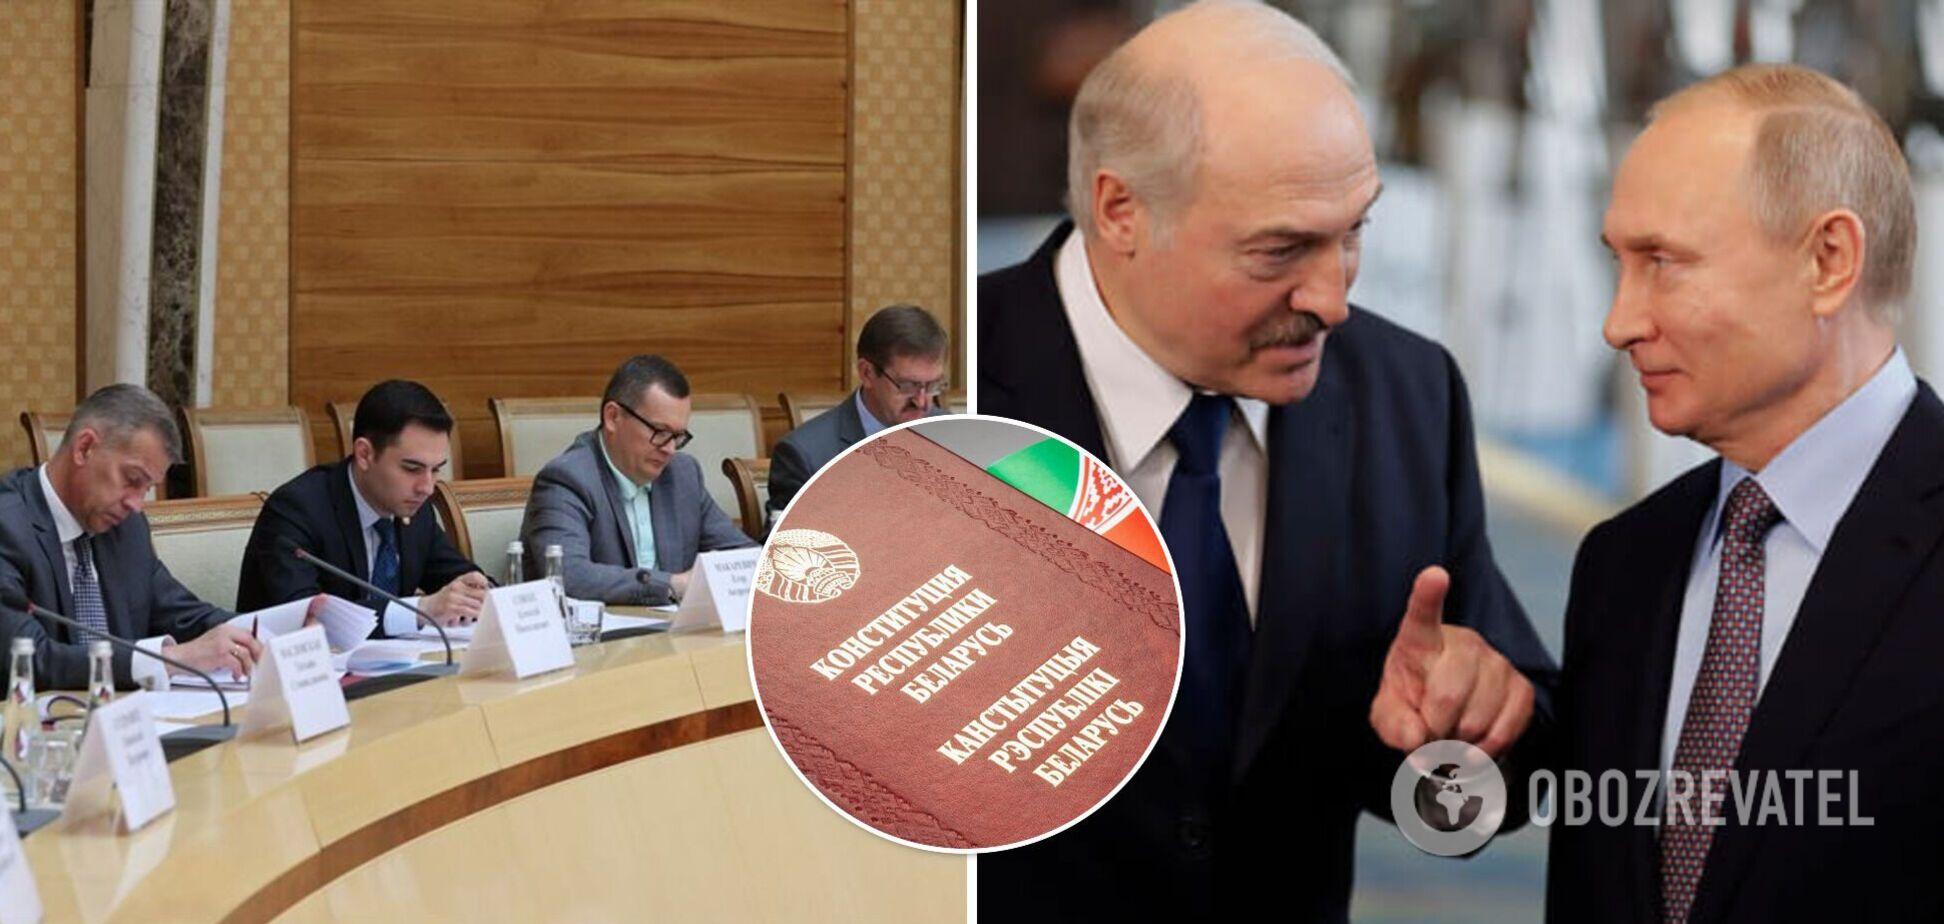 В Беларуси предложили убрать из Конституции норму о стремлении к нейтралитету